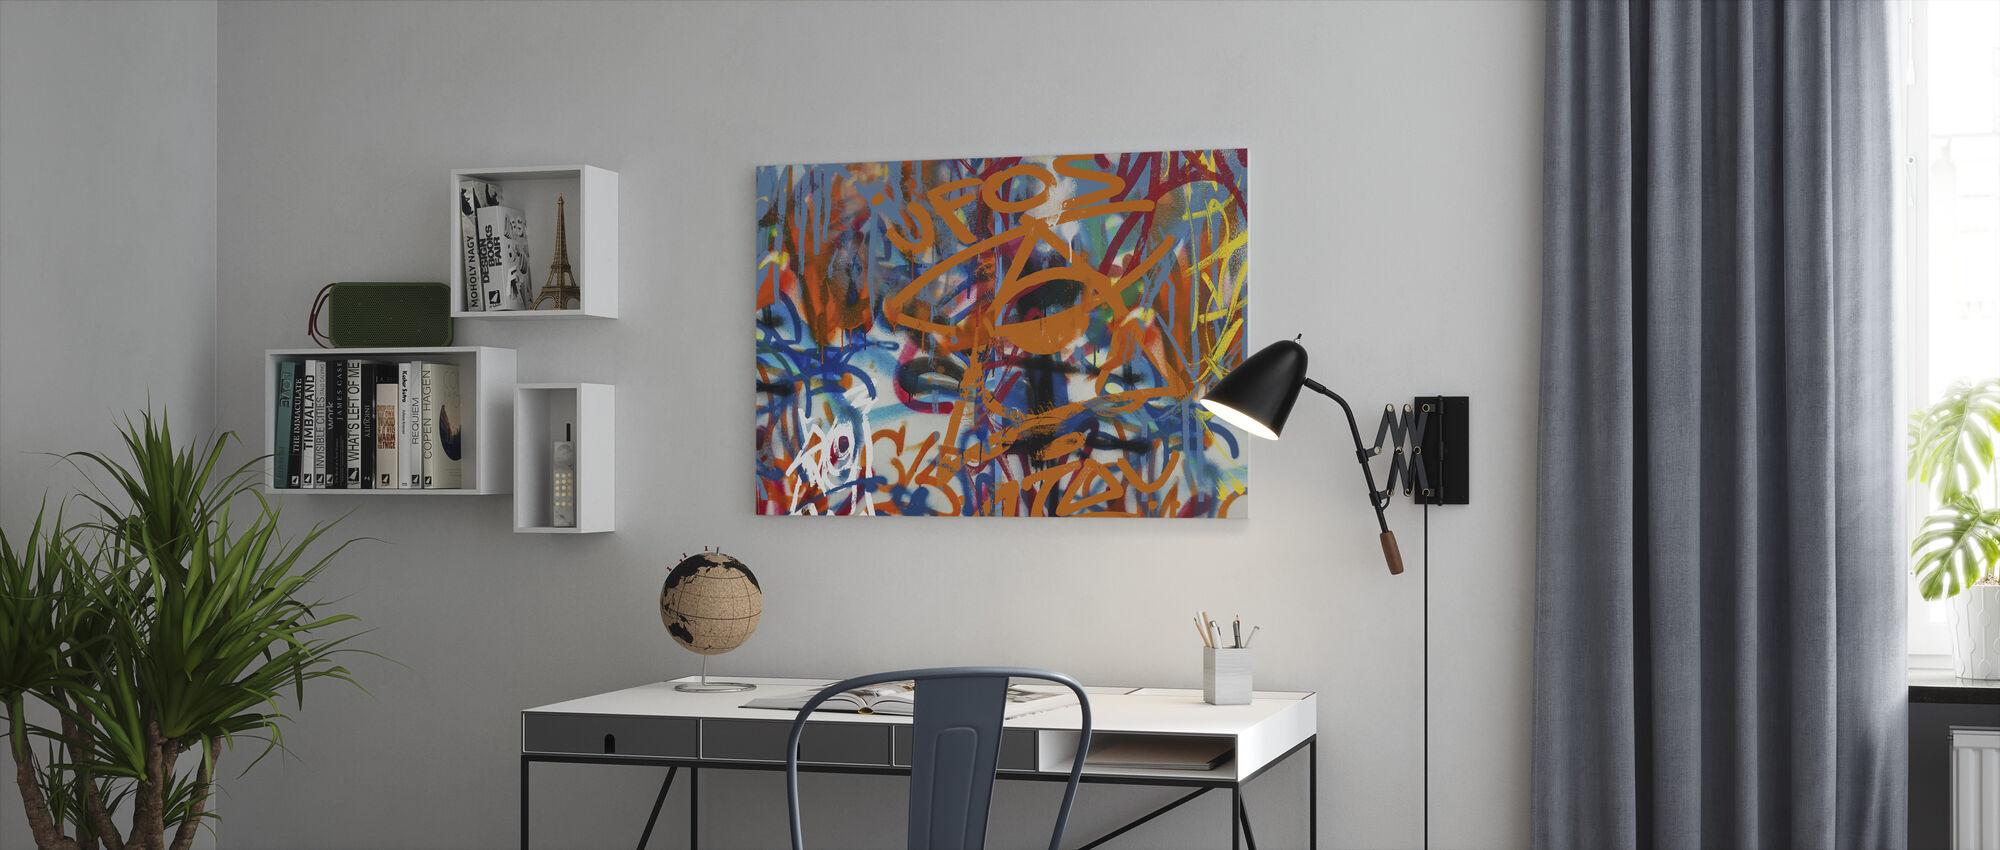 Graffiti Abstrakt Konst - Canvastavla - Kontor